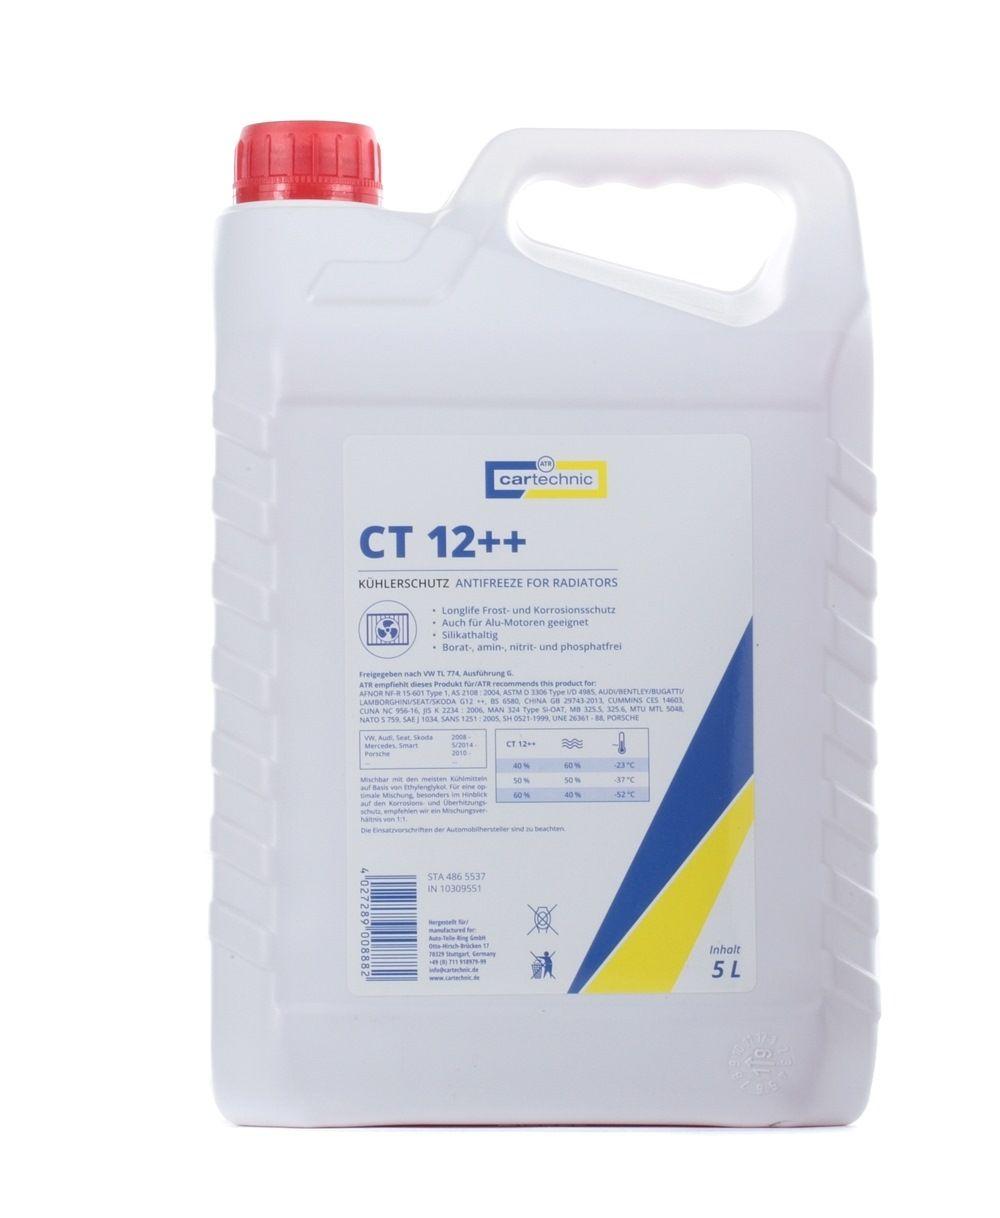 Kühlerfrostschutzmittel CARTECHNIC 40 27289 00888 2